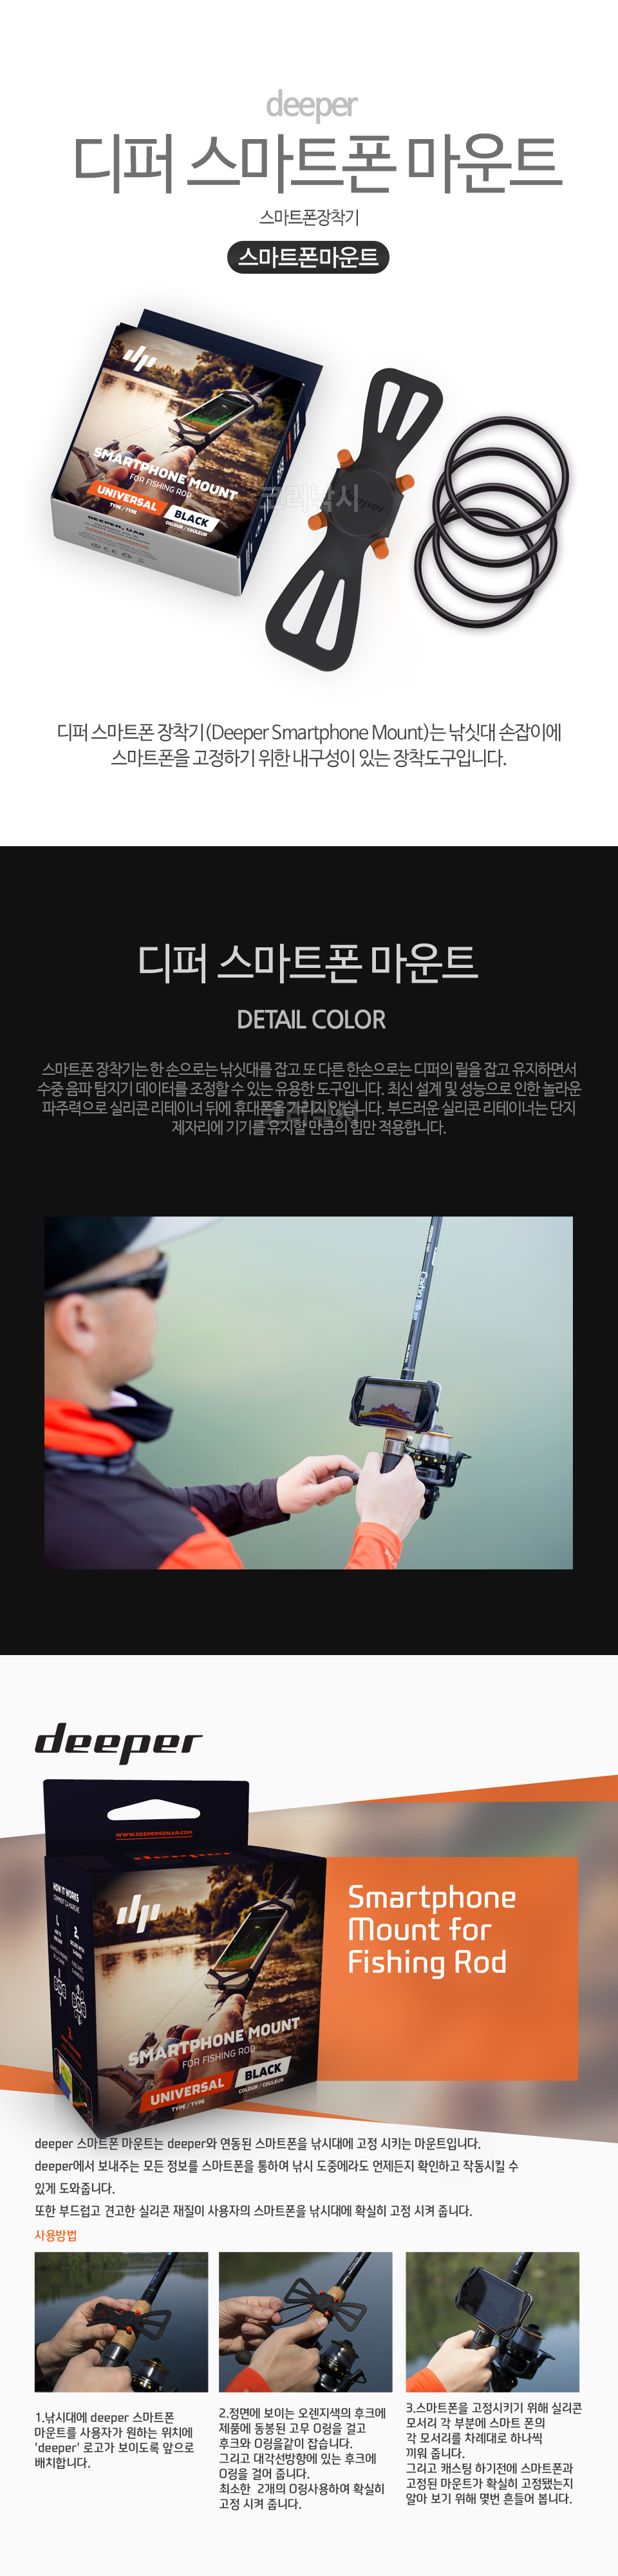 디퍼 스마트폰 마운트 (스마트폰장착기) 낚시대거치용 로드거치용 DEEPER